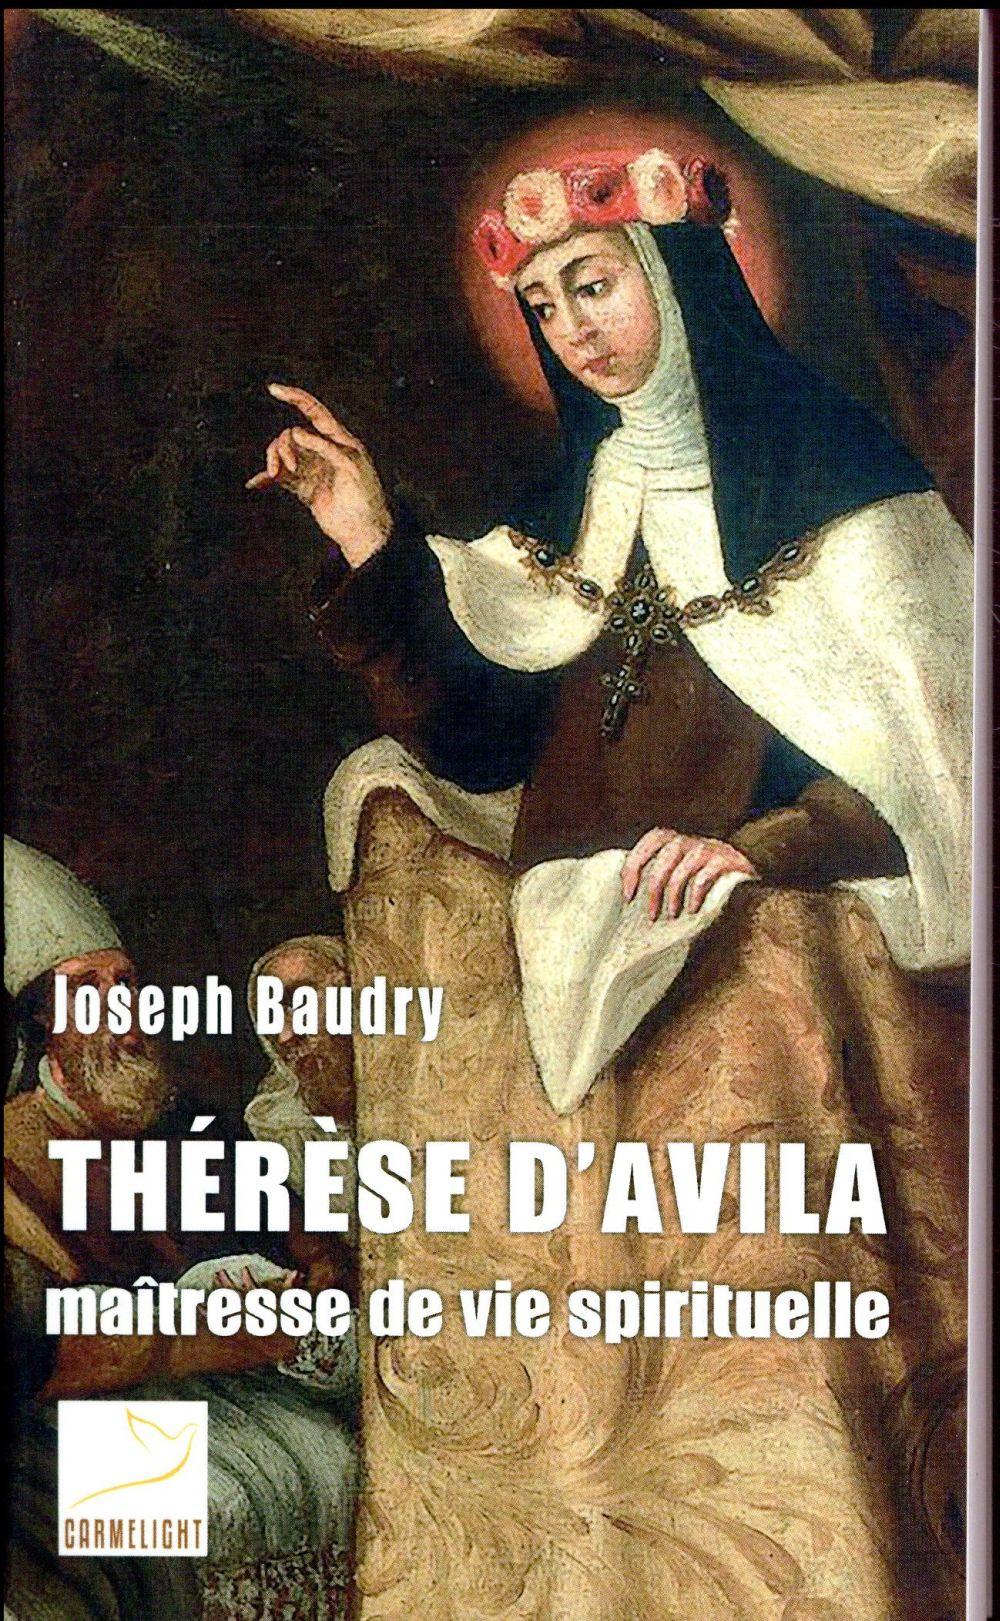 Thérèse d'Avila, maîtresse de vie spirituelle